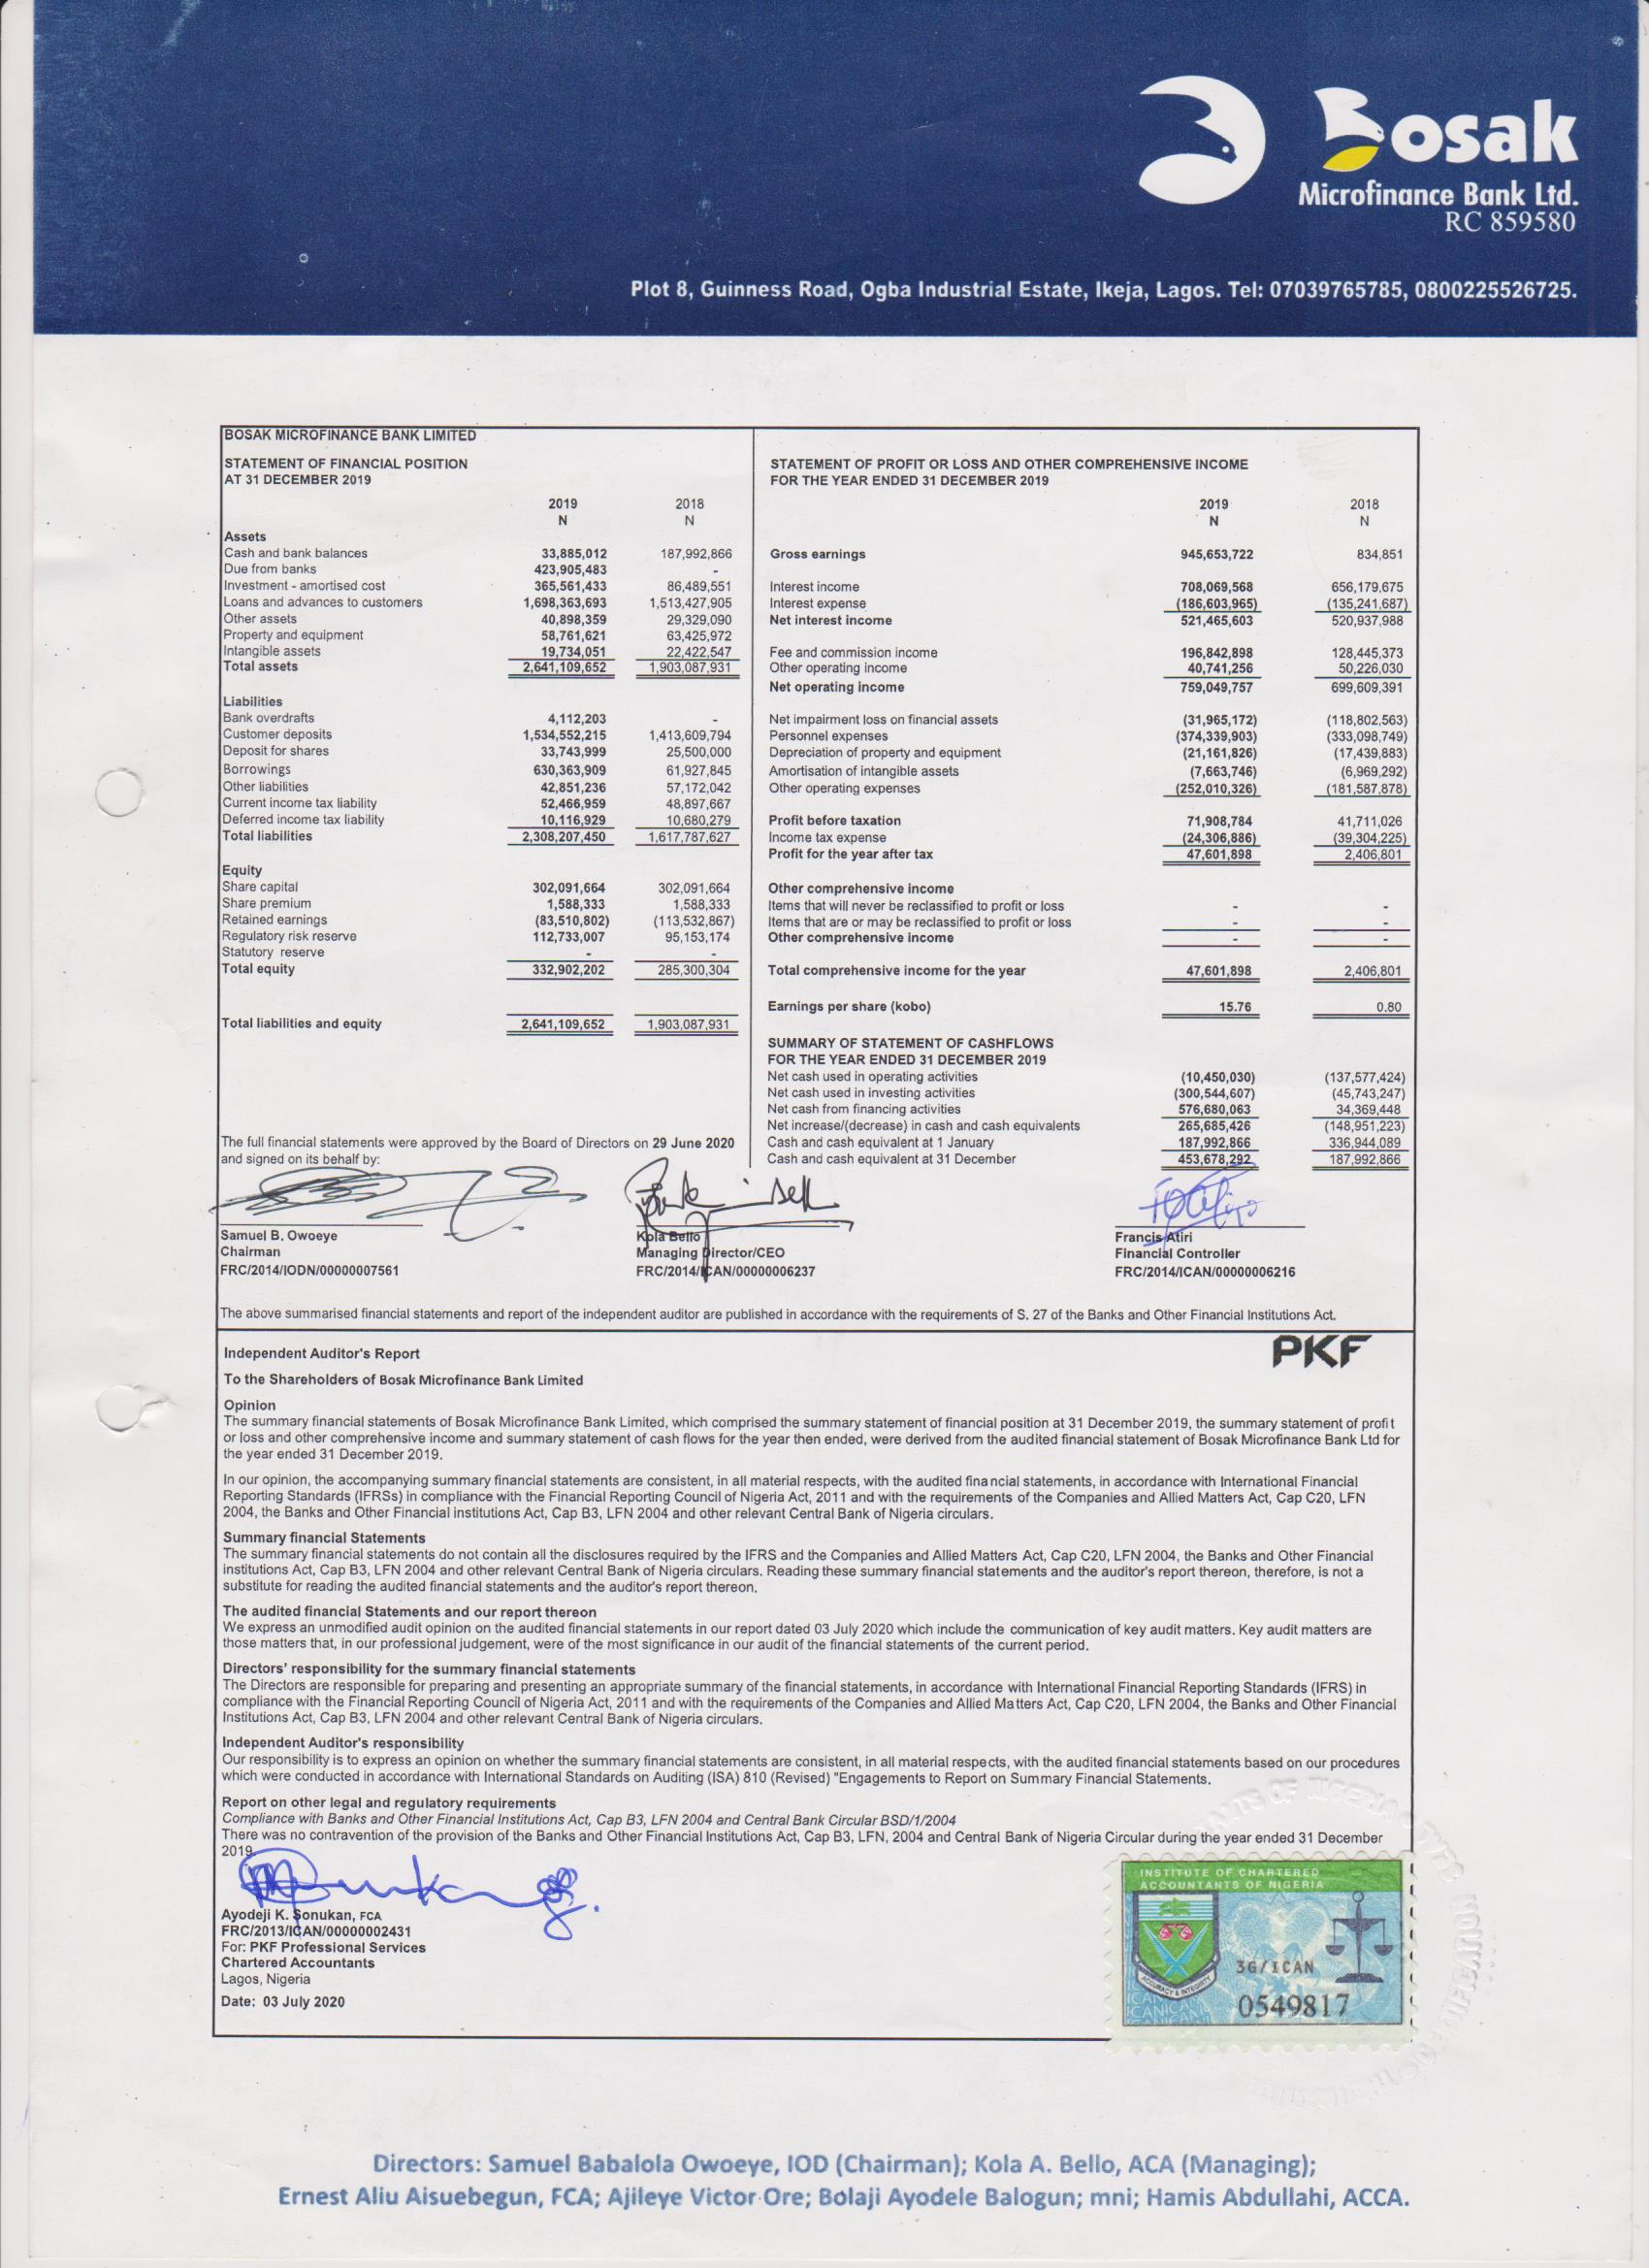 abridged financial statement 001